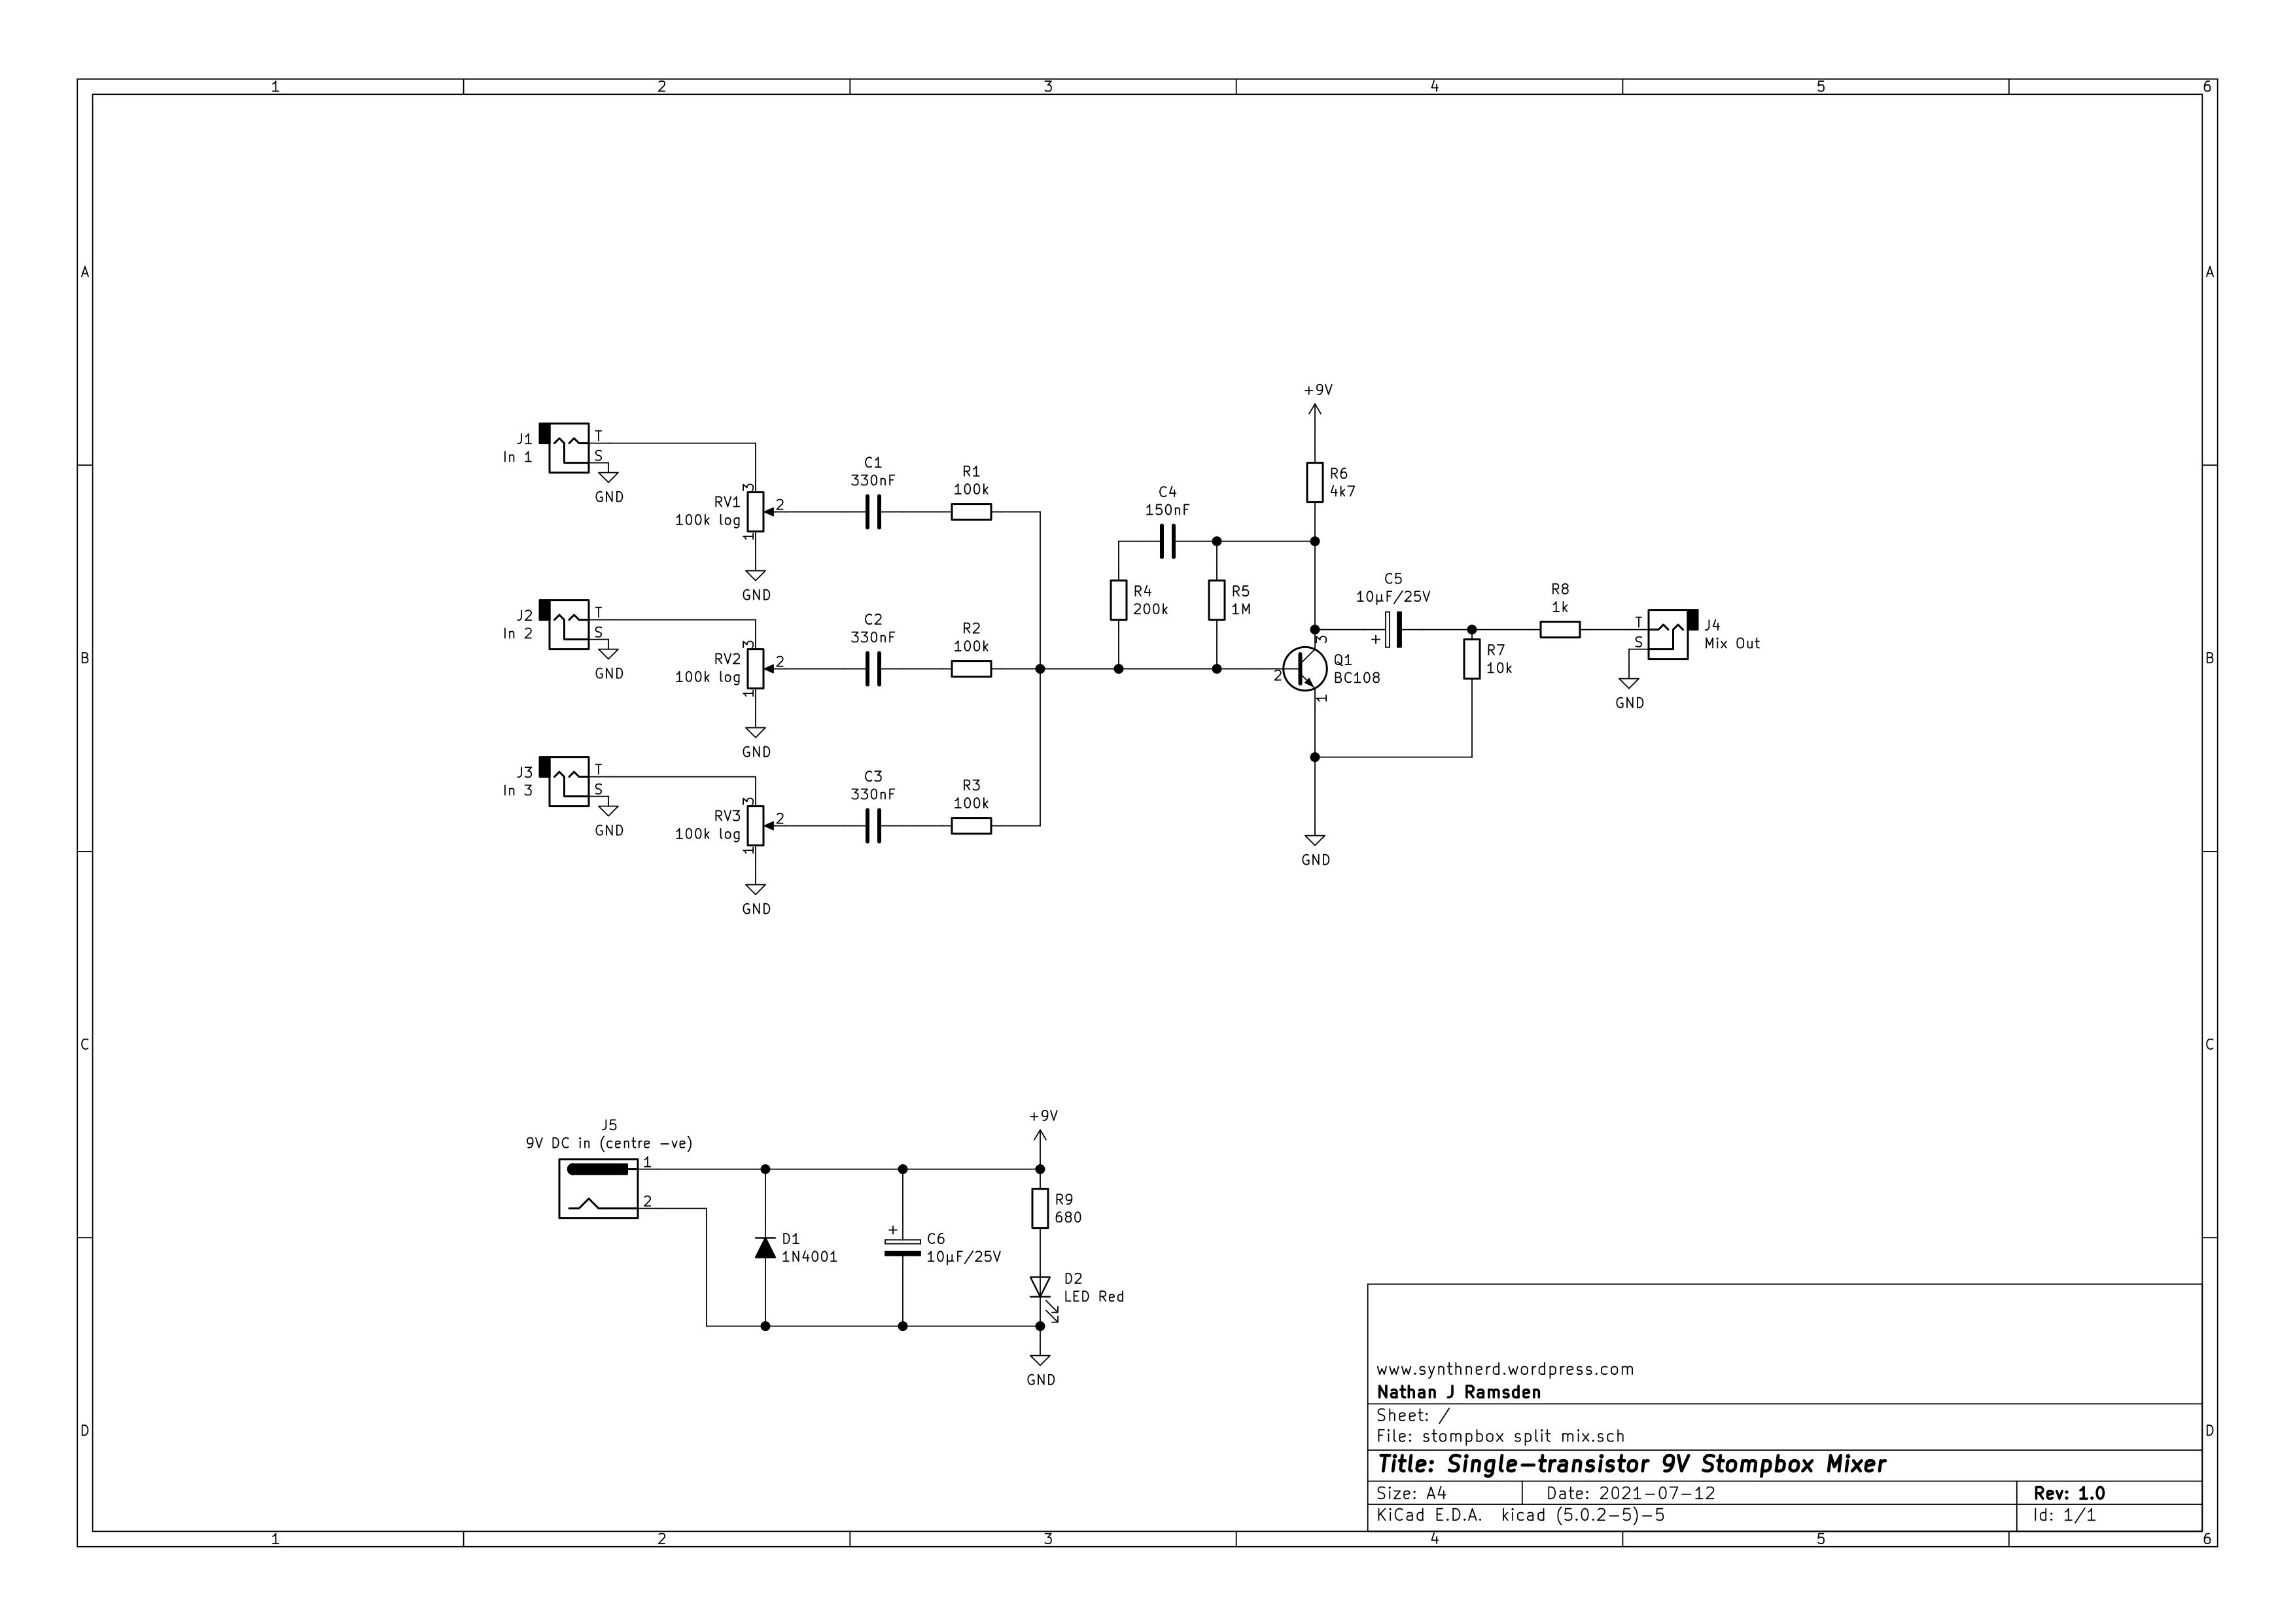 DIY Stompbox Mixer Schematic